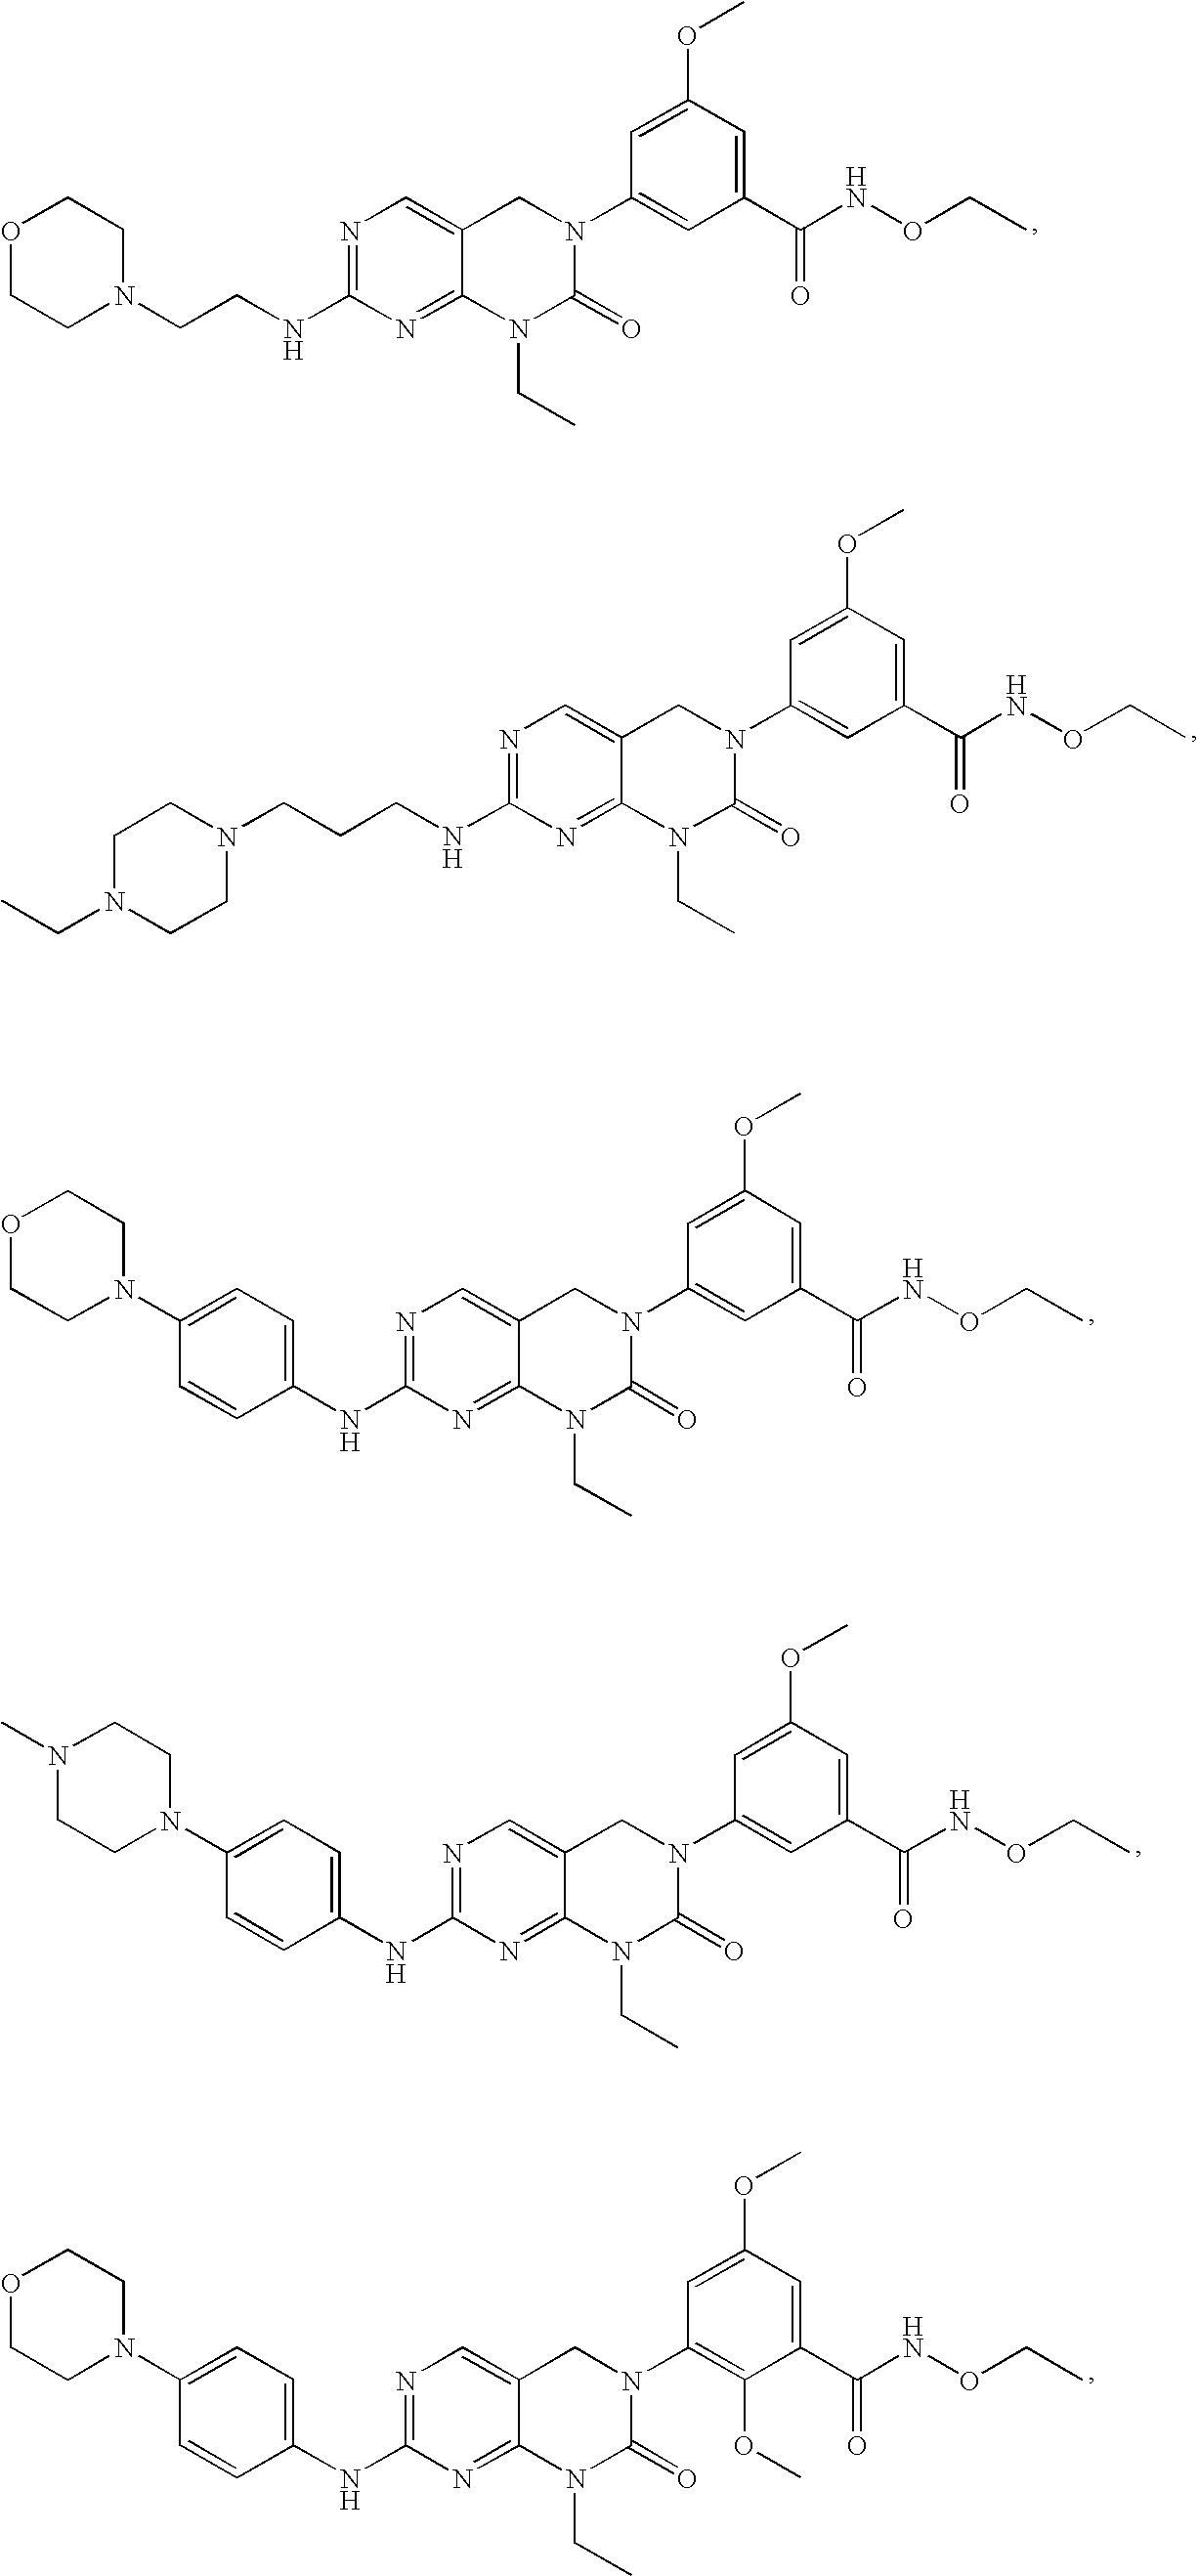 Figure US20090312321A1-20091217-C00010